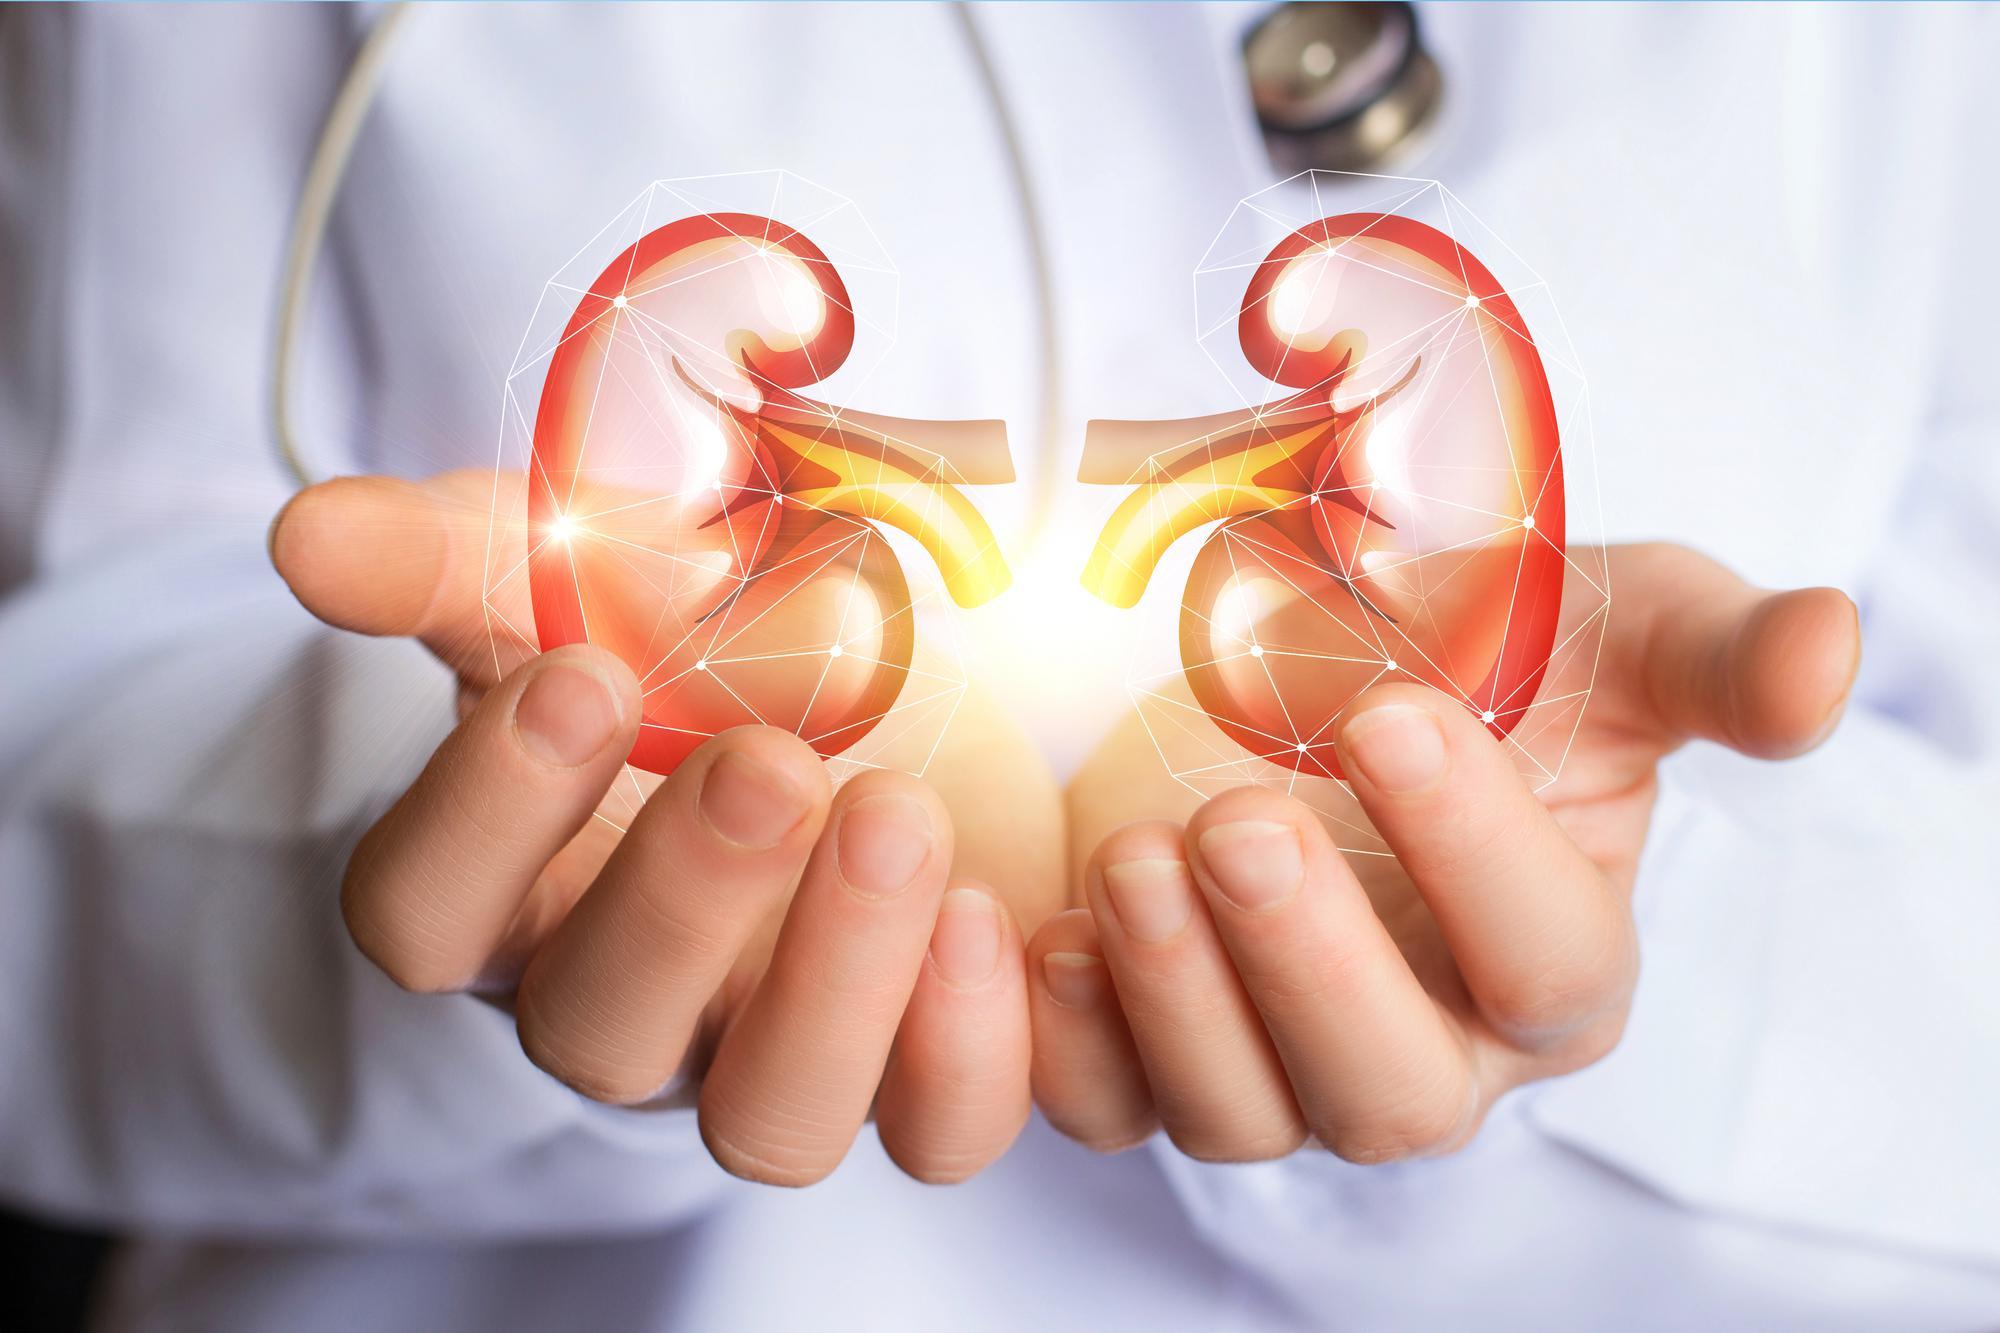 男人补肾吃什么?真正能补肾的食物有哪些?